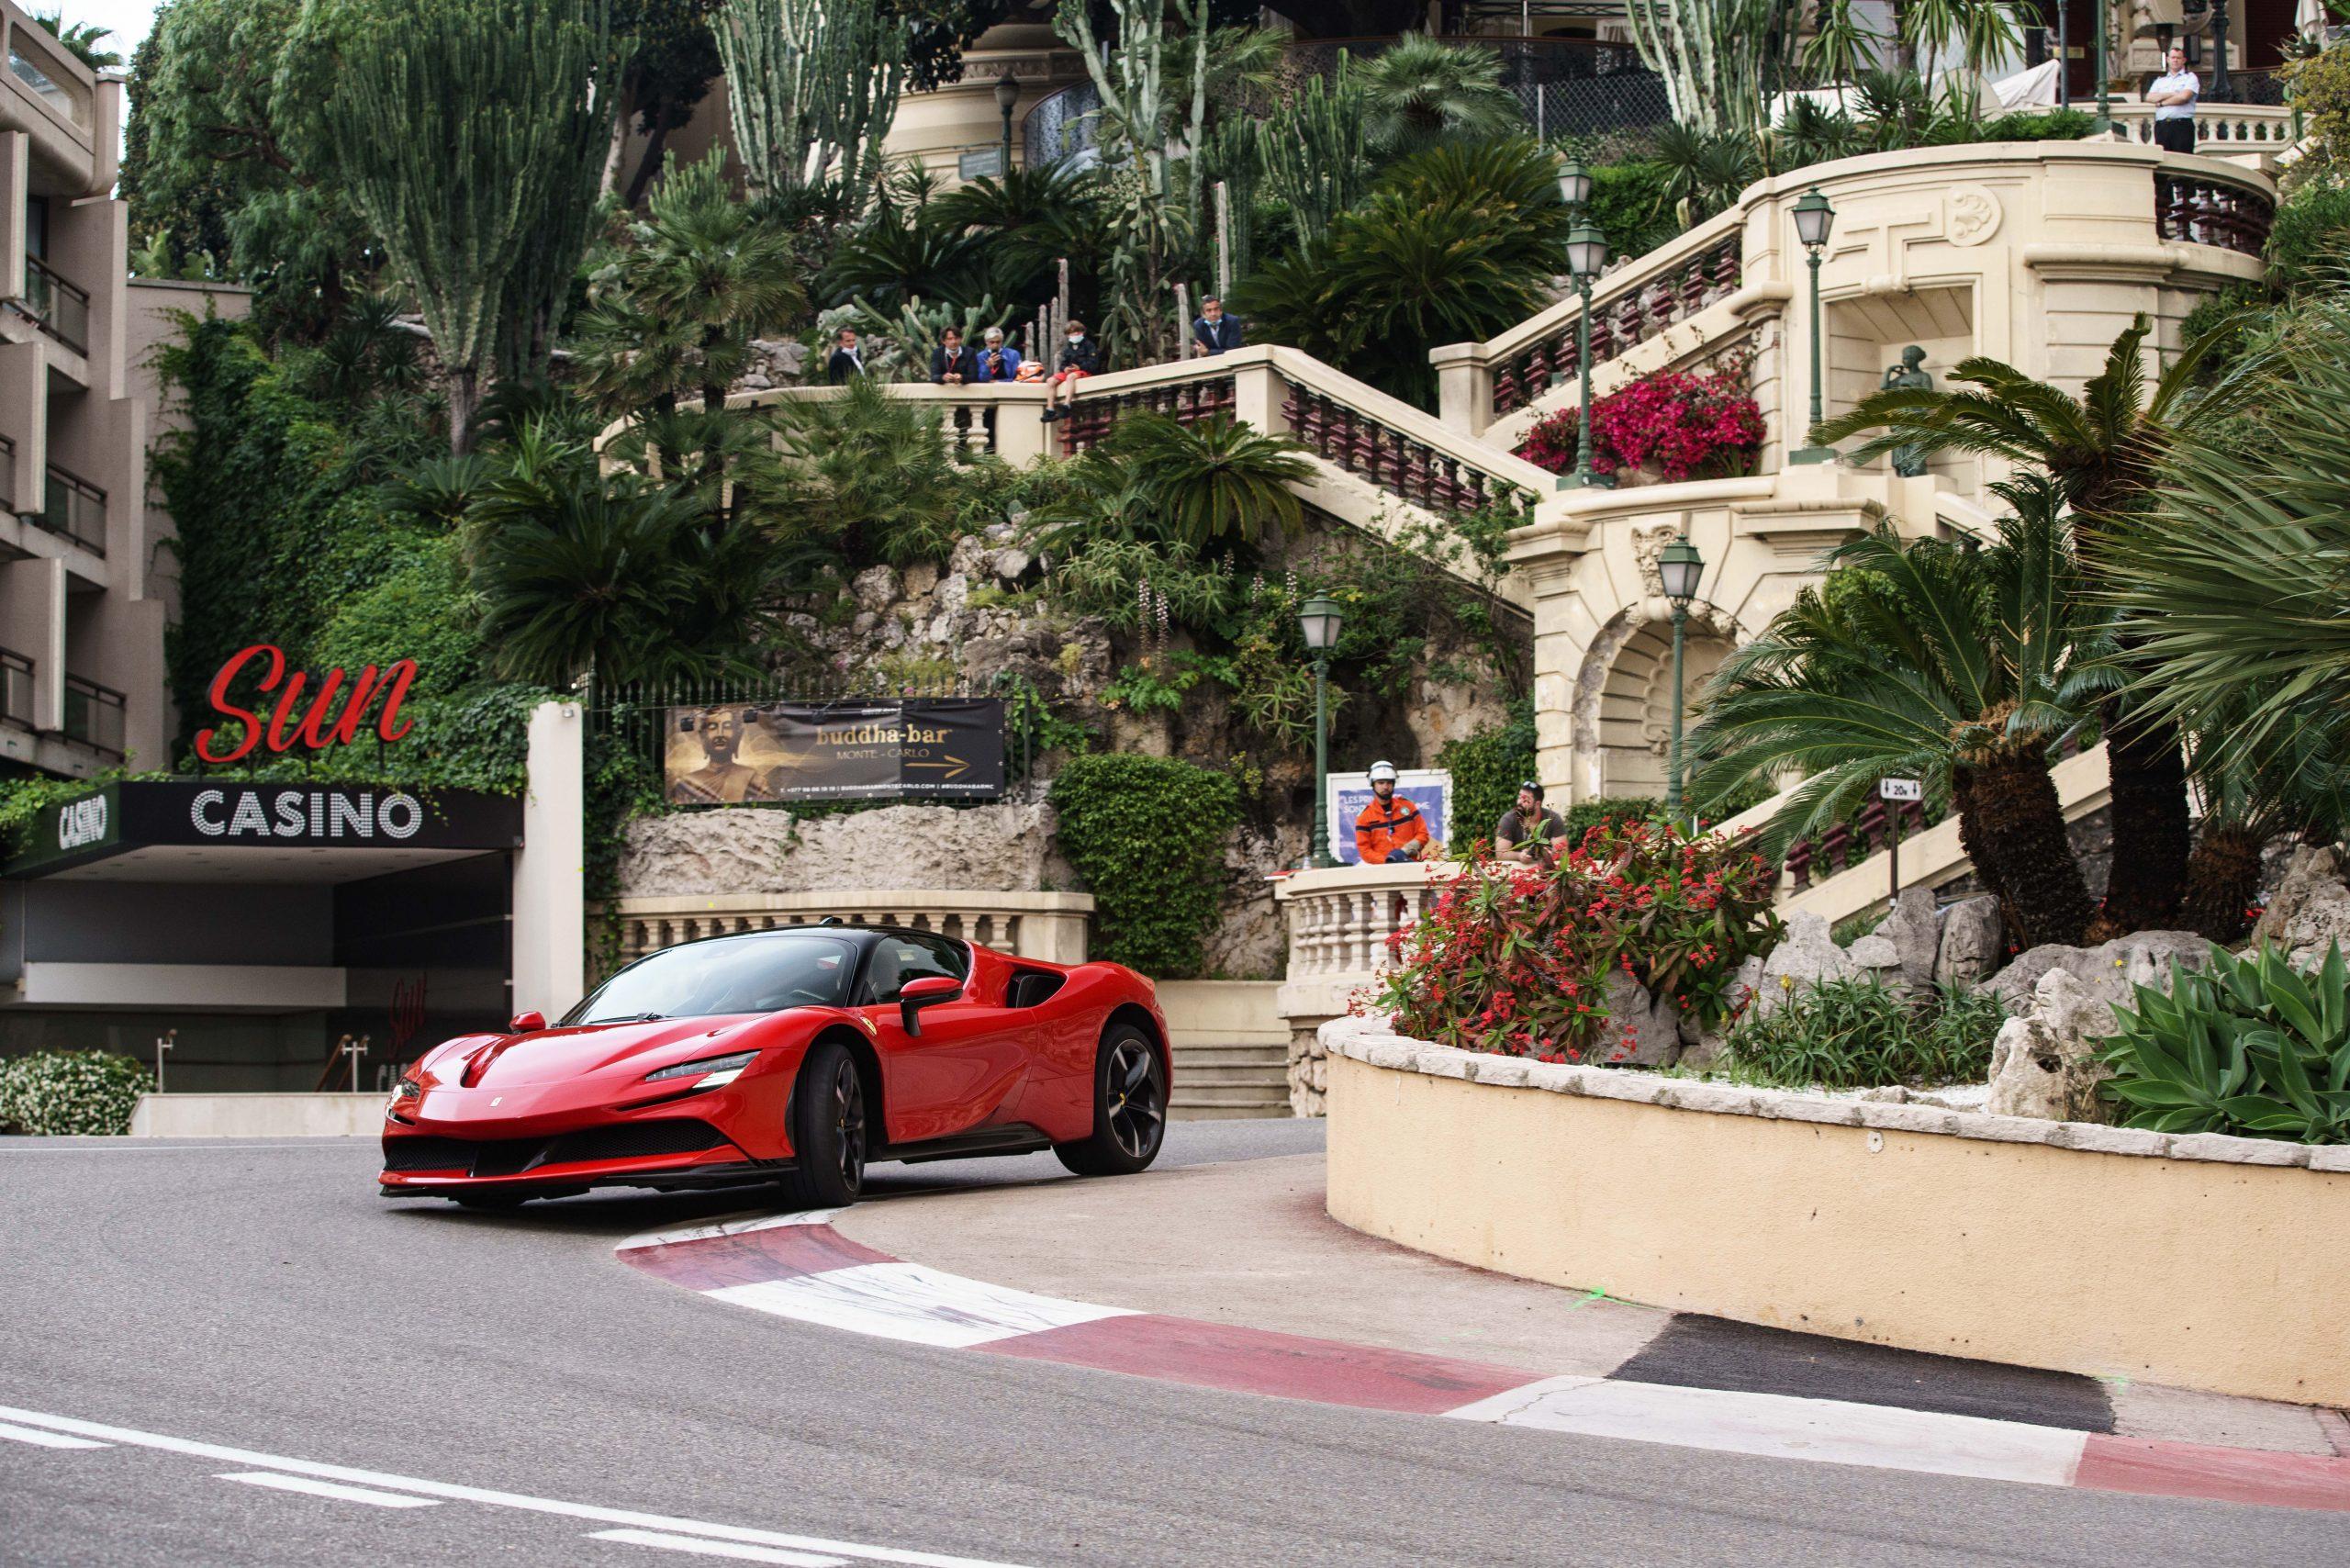 Ferrari_SF90_Stradale_monaco_casino